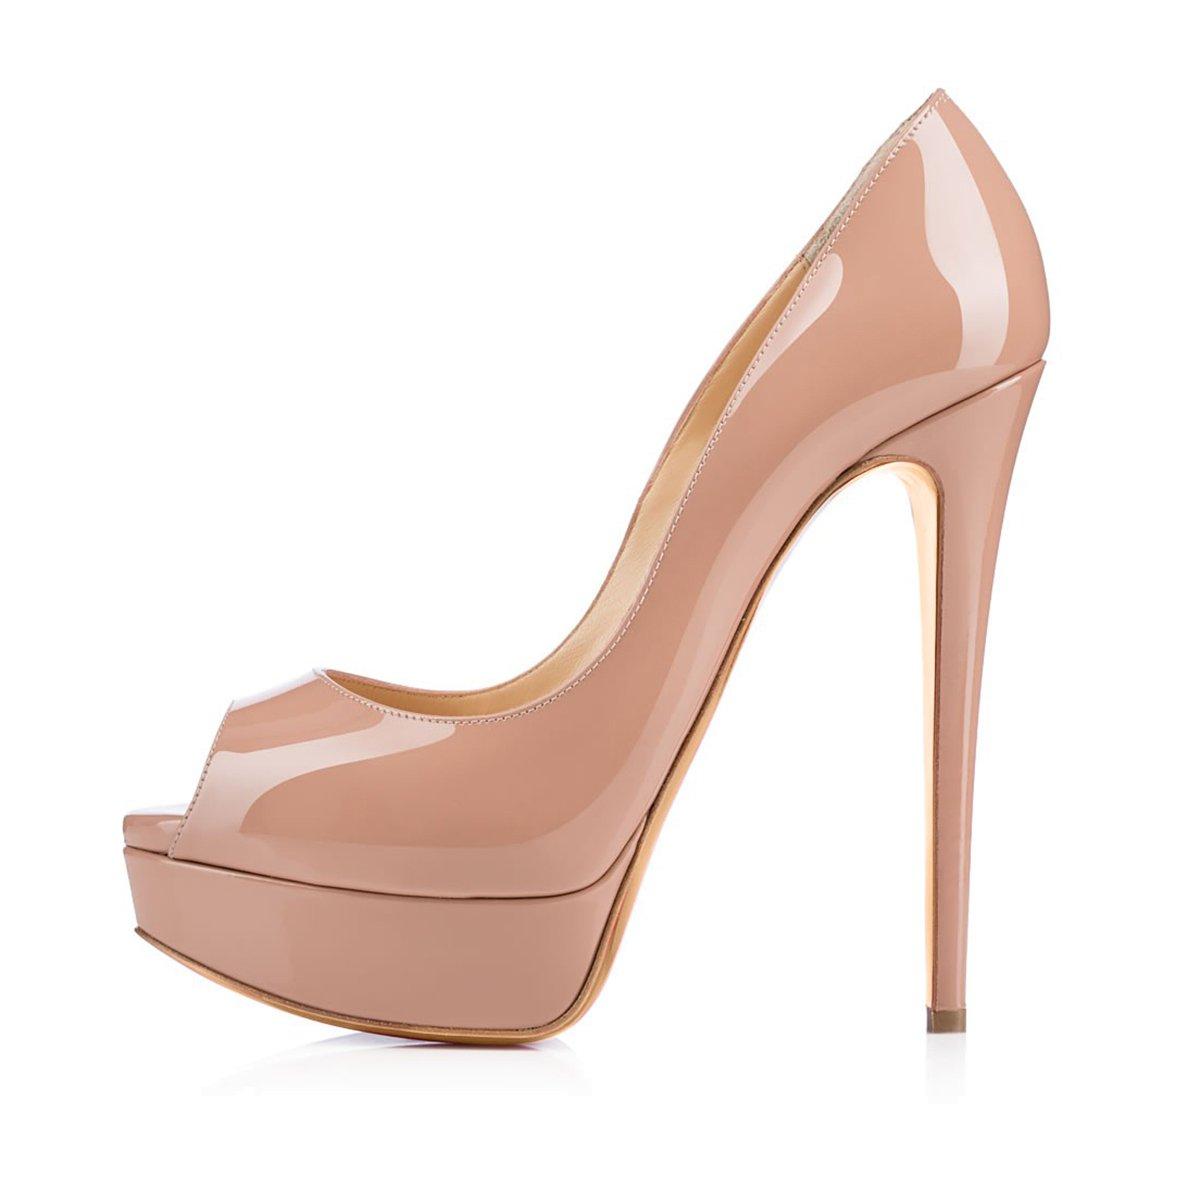 Onlymaker Damenschuhe High Heels Pumps Peep Toe Stiletto Plateau Absatz Lackleder  38 EU|Natural